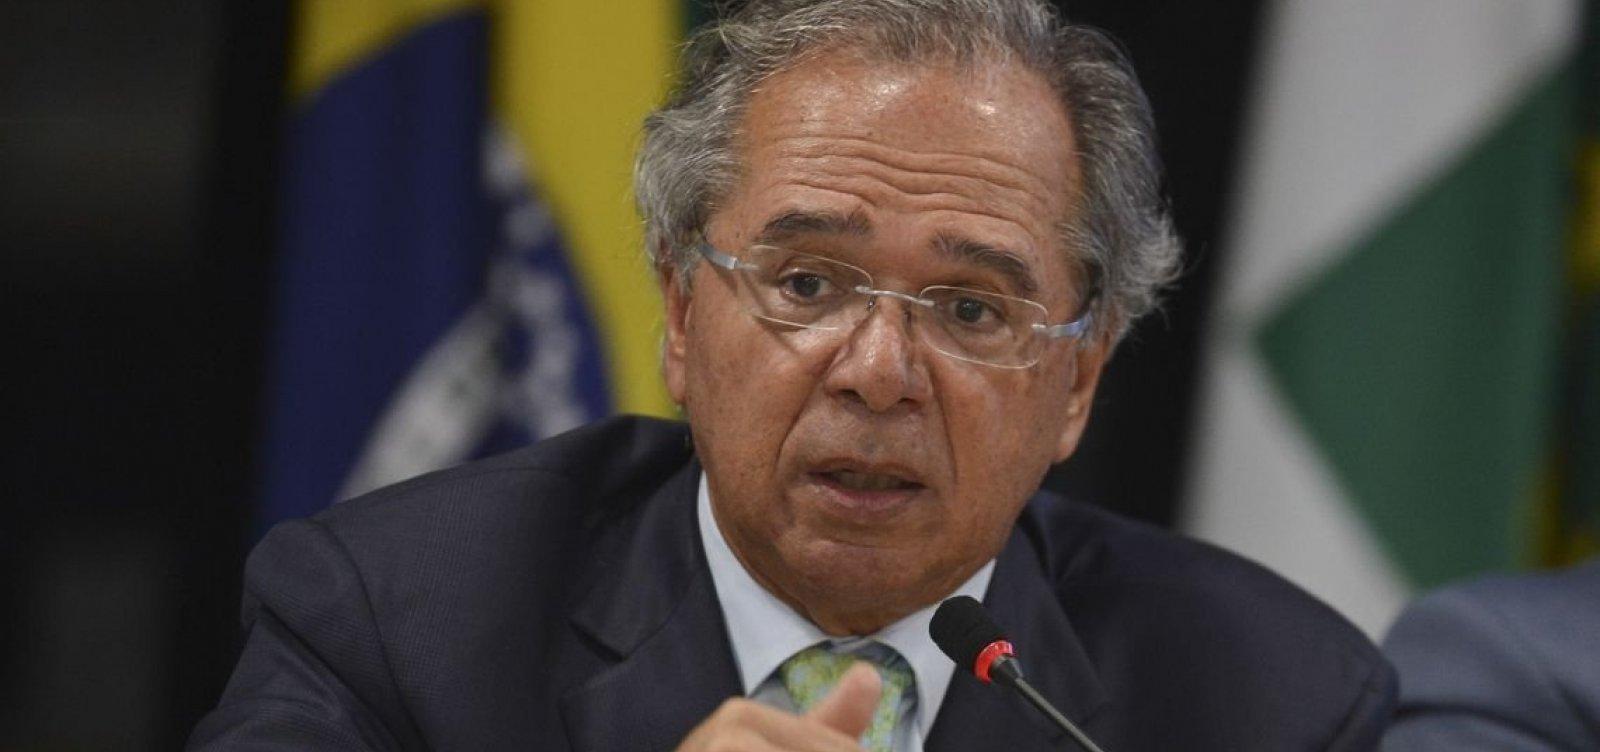 Governo Bolsonaro vai anunciar novos bloqueios no Orçamento